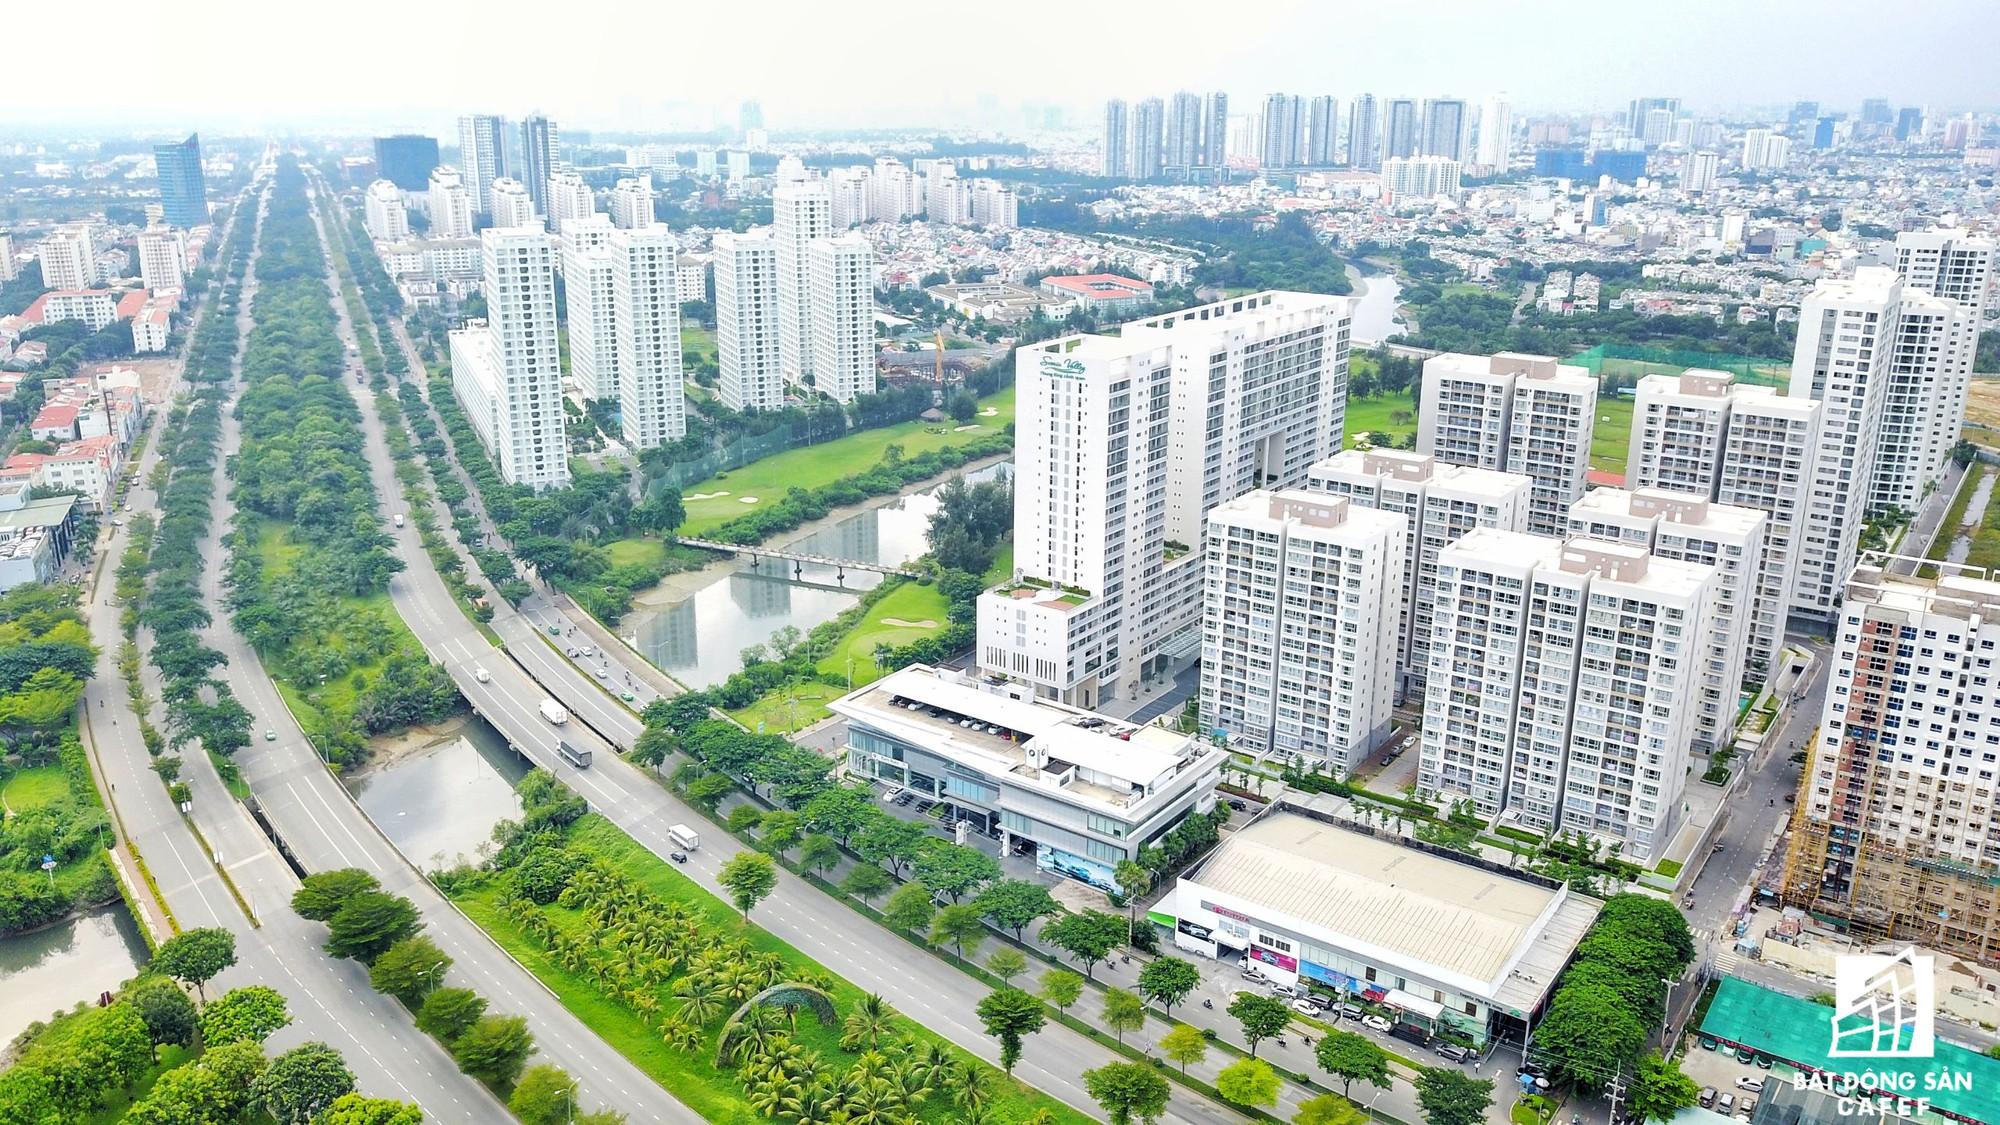 Toàn cảnh đại lộ tỷ đô đã tạo nên một thị trường bất động sản rất riêng cho khu Nam Sài Gòn - Ảnh 25.